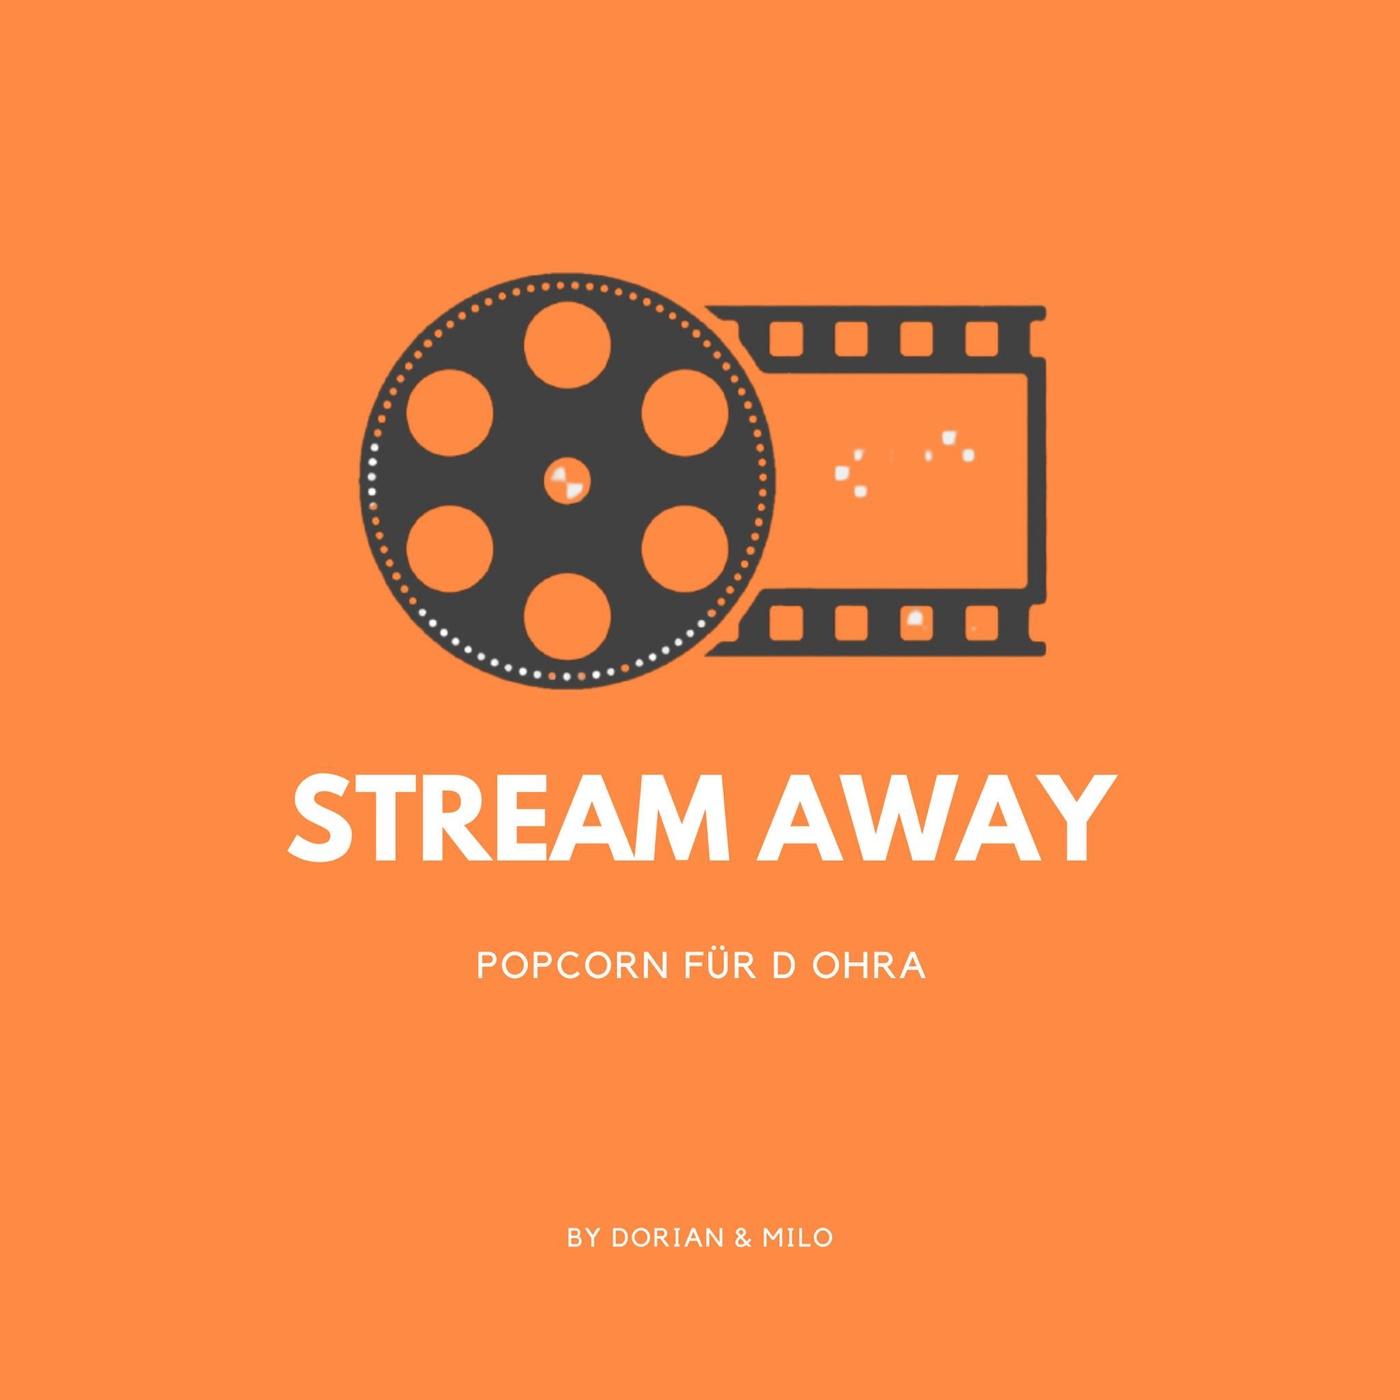 Stream Away - Popcorn für d'Ohra